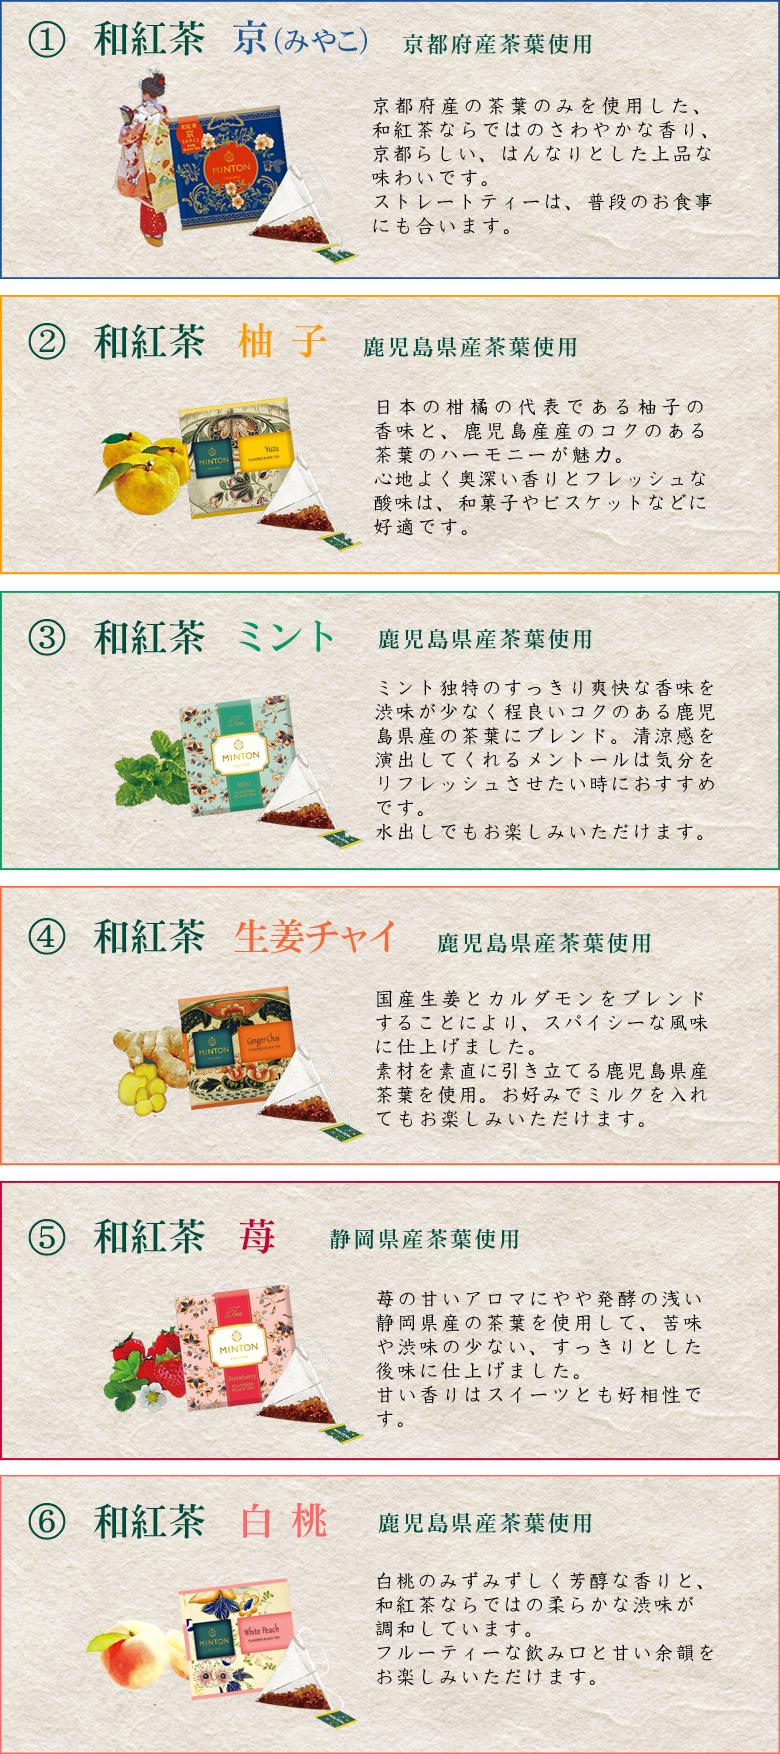 ミントン 和紅茶 6種類 説明